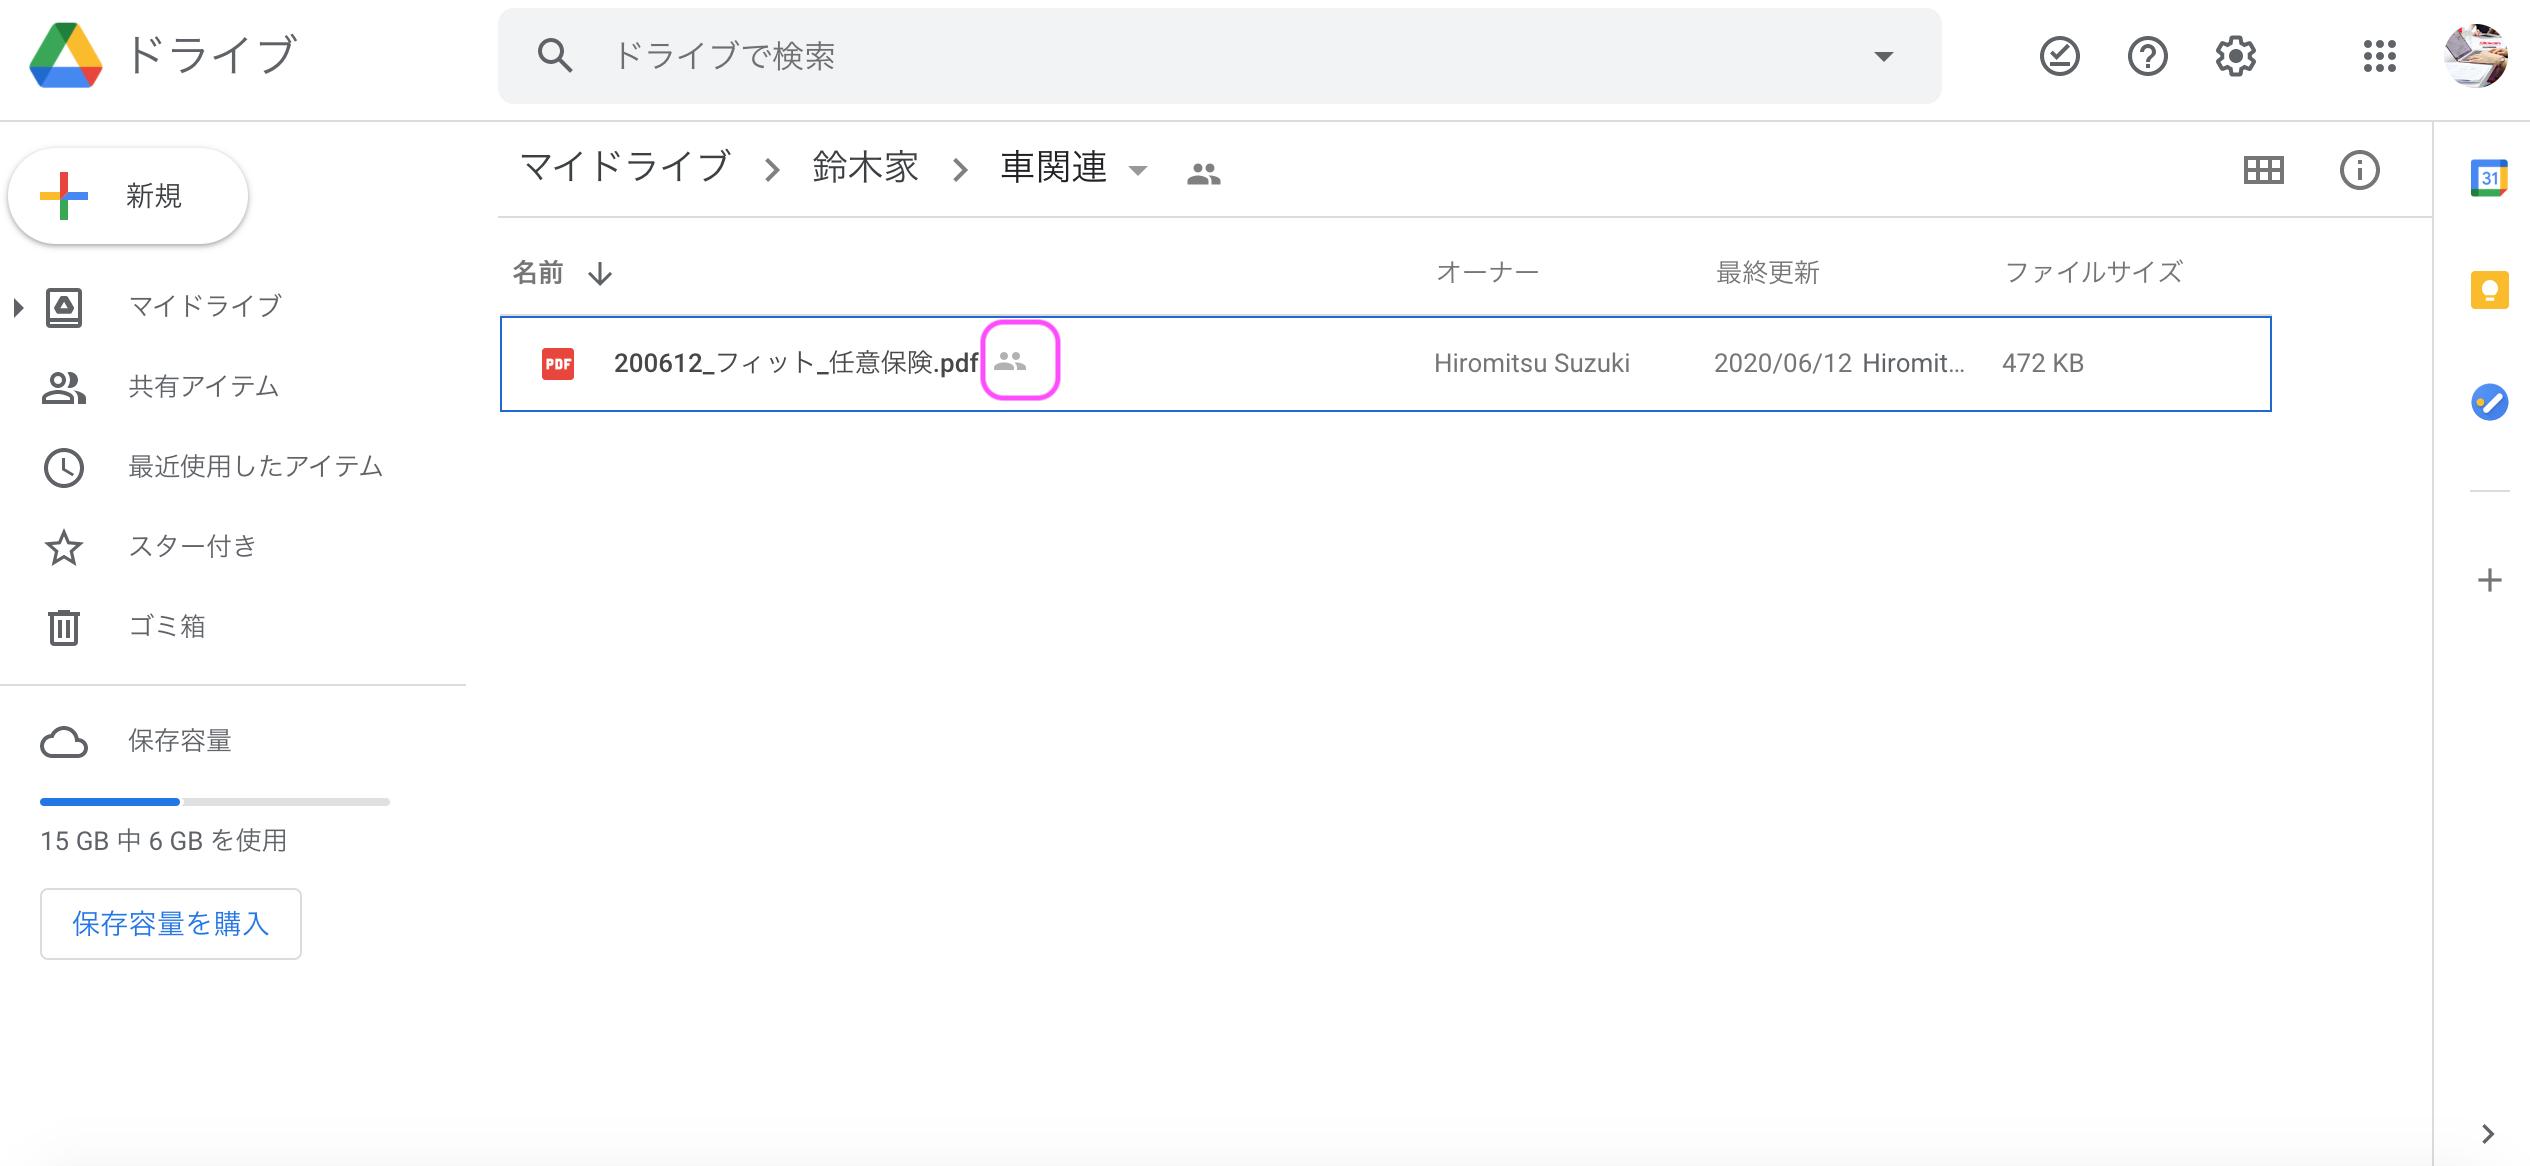 スクリーンショット-2021-02-15-22.09.31